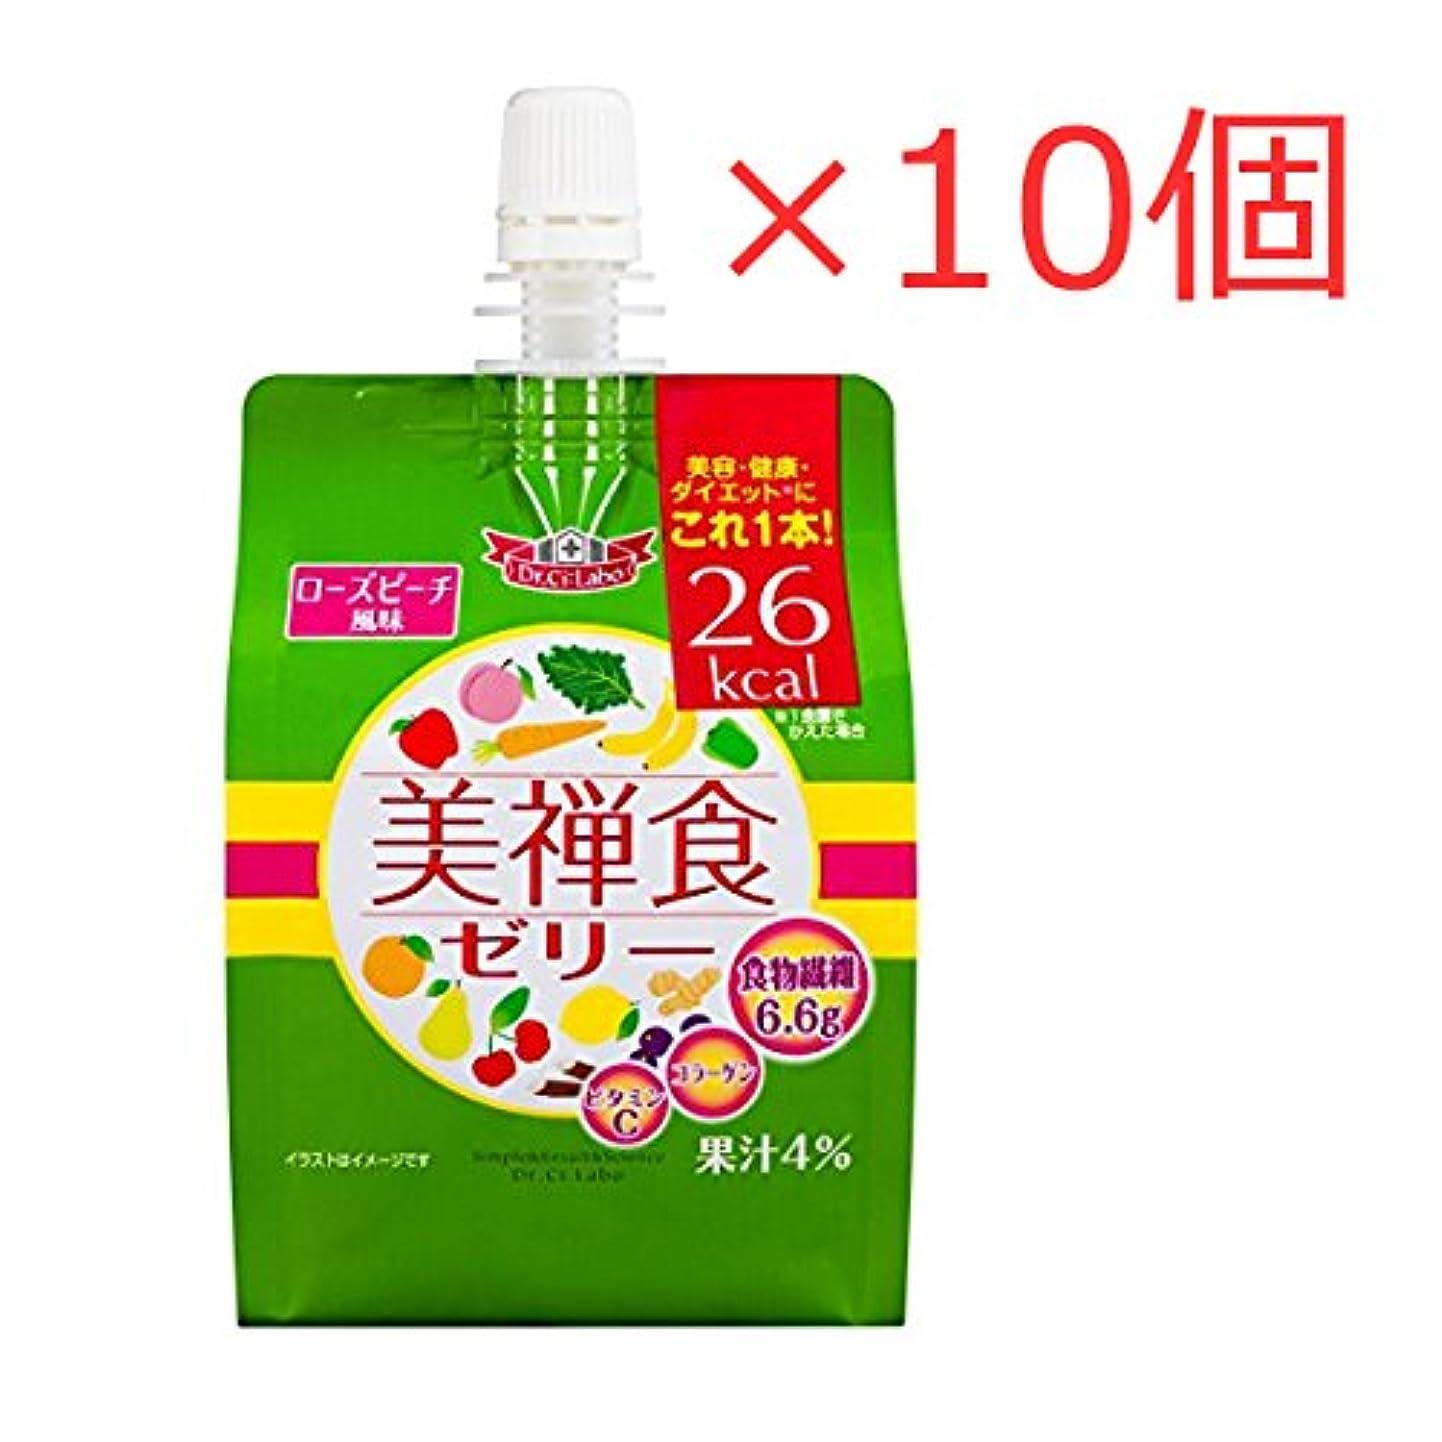 描写ローブ限界ドクターシーラボ 美禅食ゼリー (ローズピーチ風味) 200g×10個セット